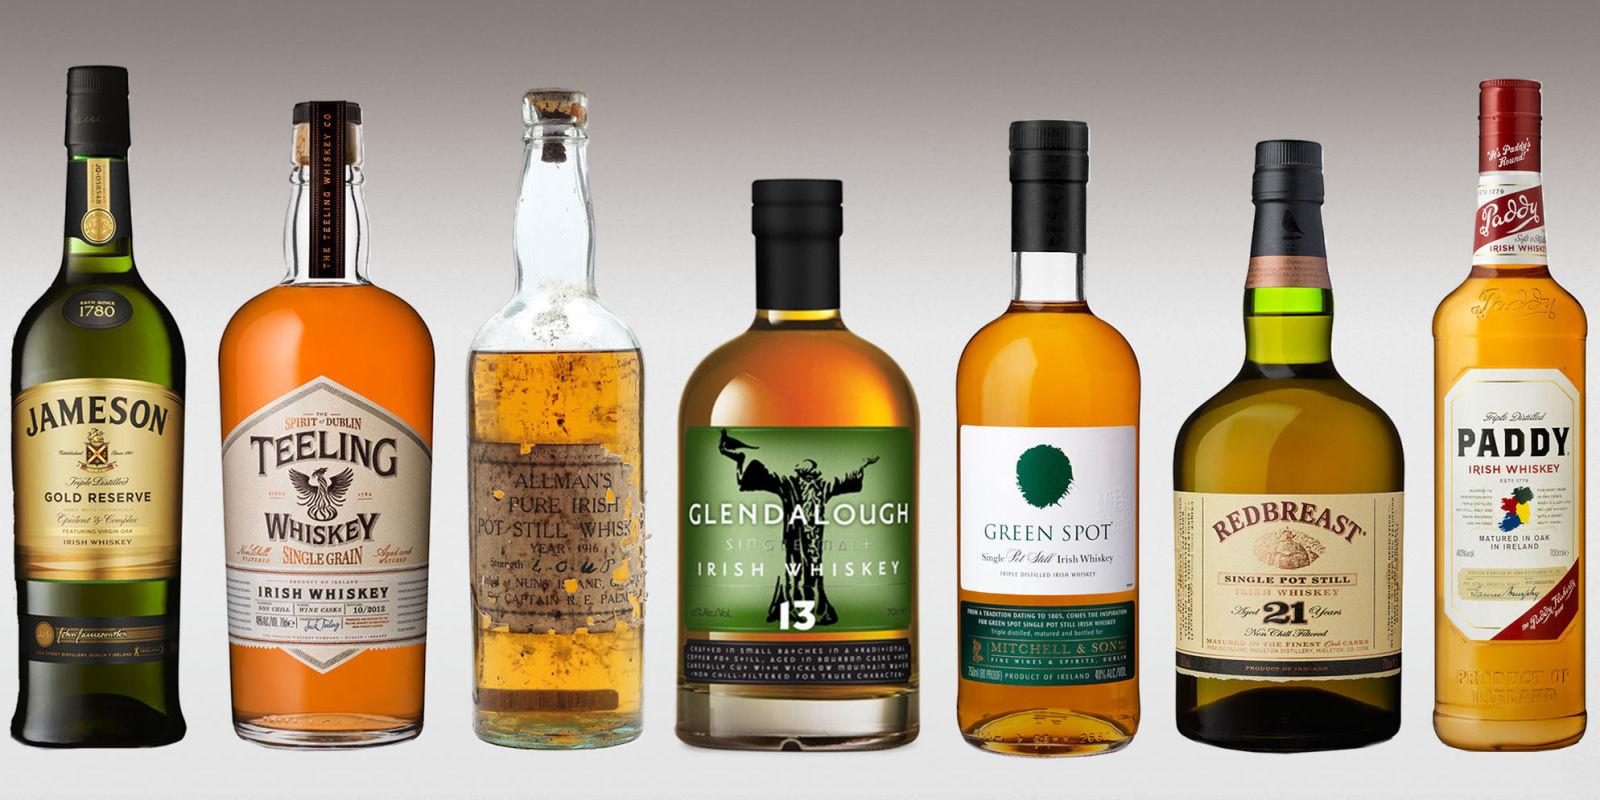 11 Best Irish Whiskey Brands Of 2016 Types Of Whiskey We